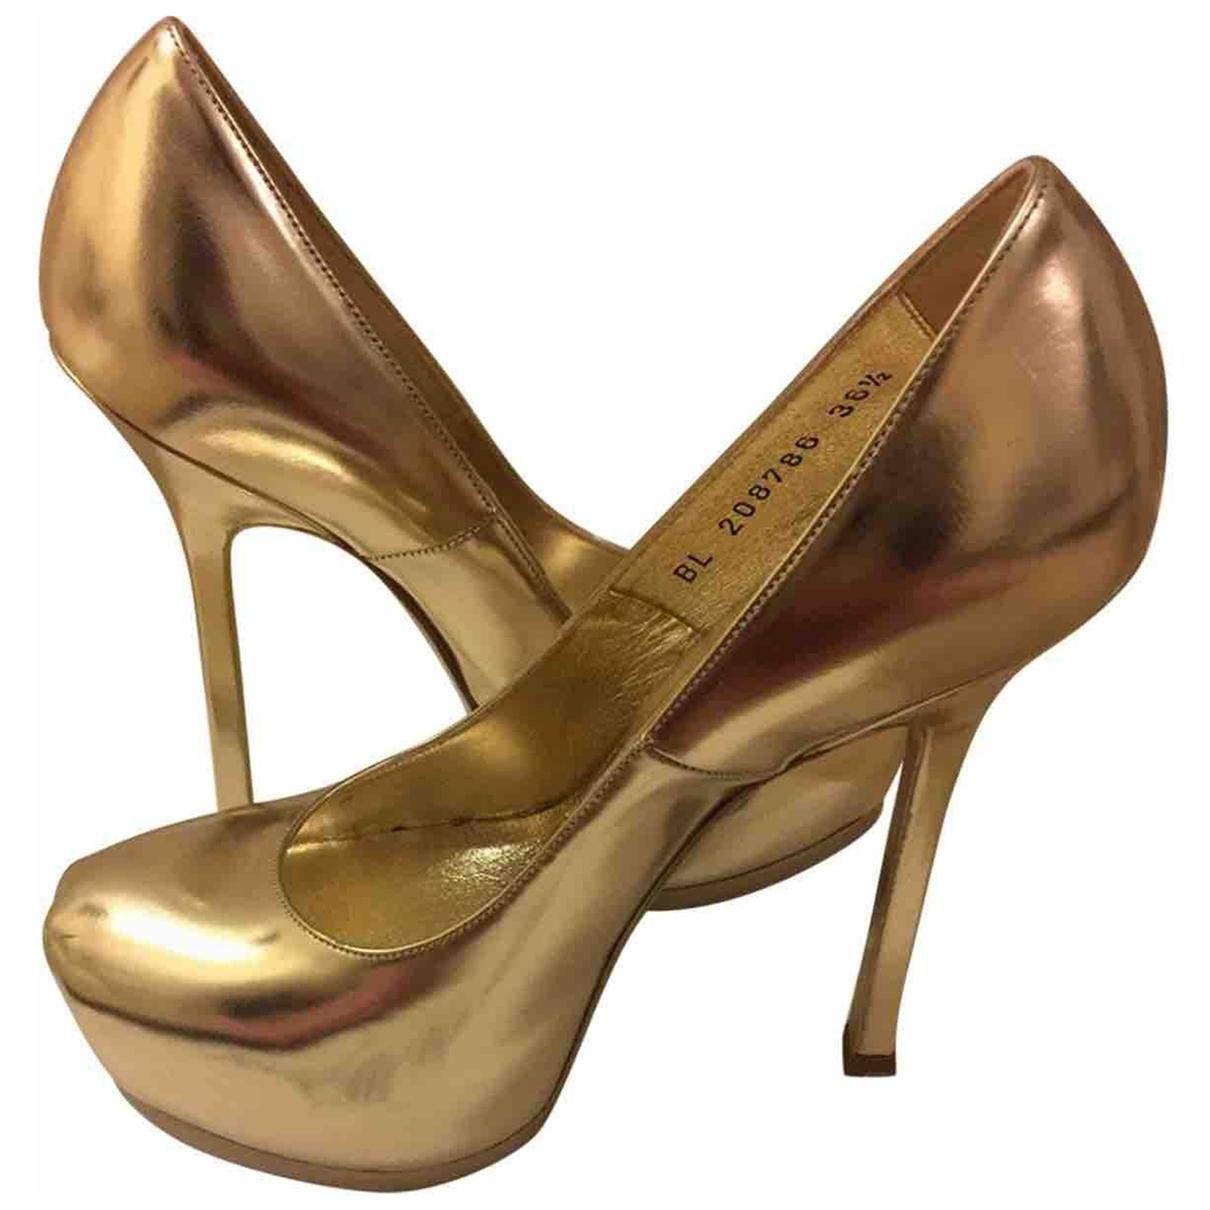 Yves Saint Laurent - Escarpins Trib Too pour femme en cuir - dore